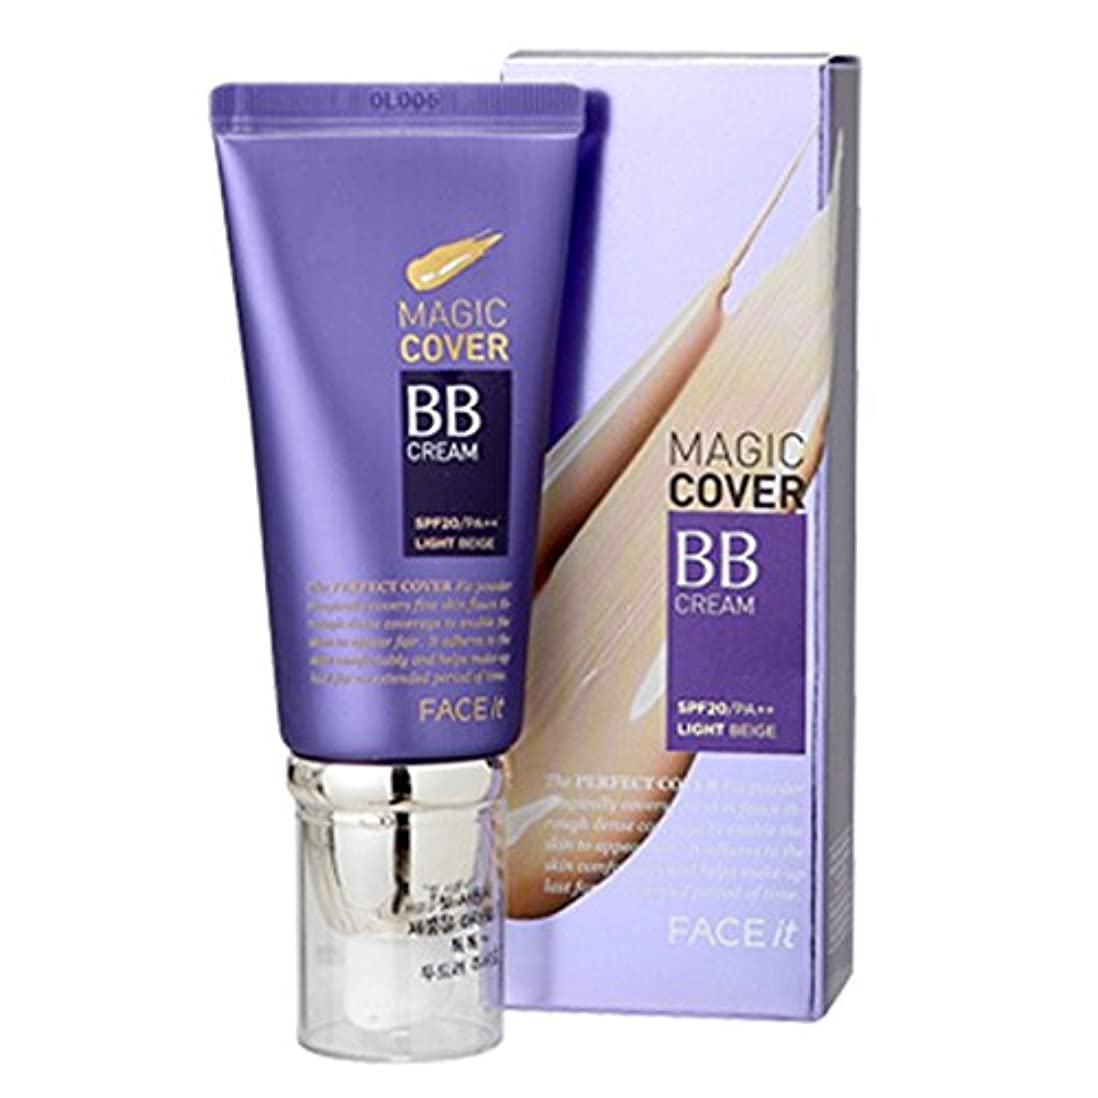 ラブ句休眠ザフェイスショップ The Face Shop Face It Magic Cover BB Cream 45ml (02 Natural Beige)